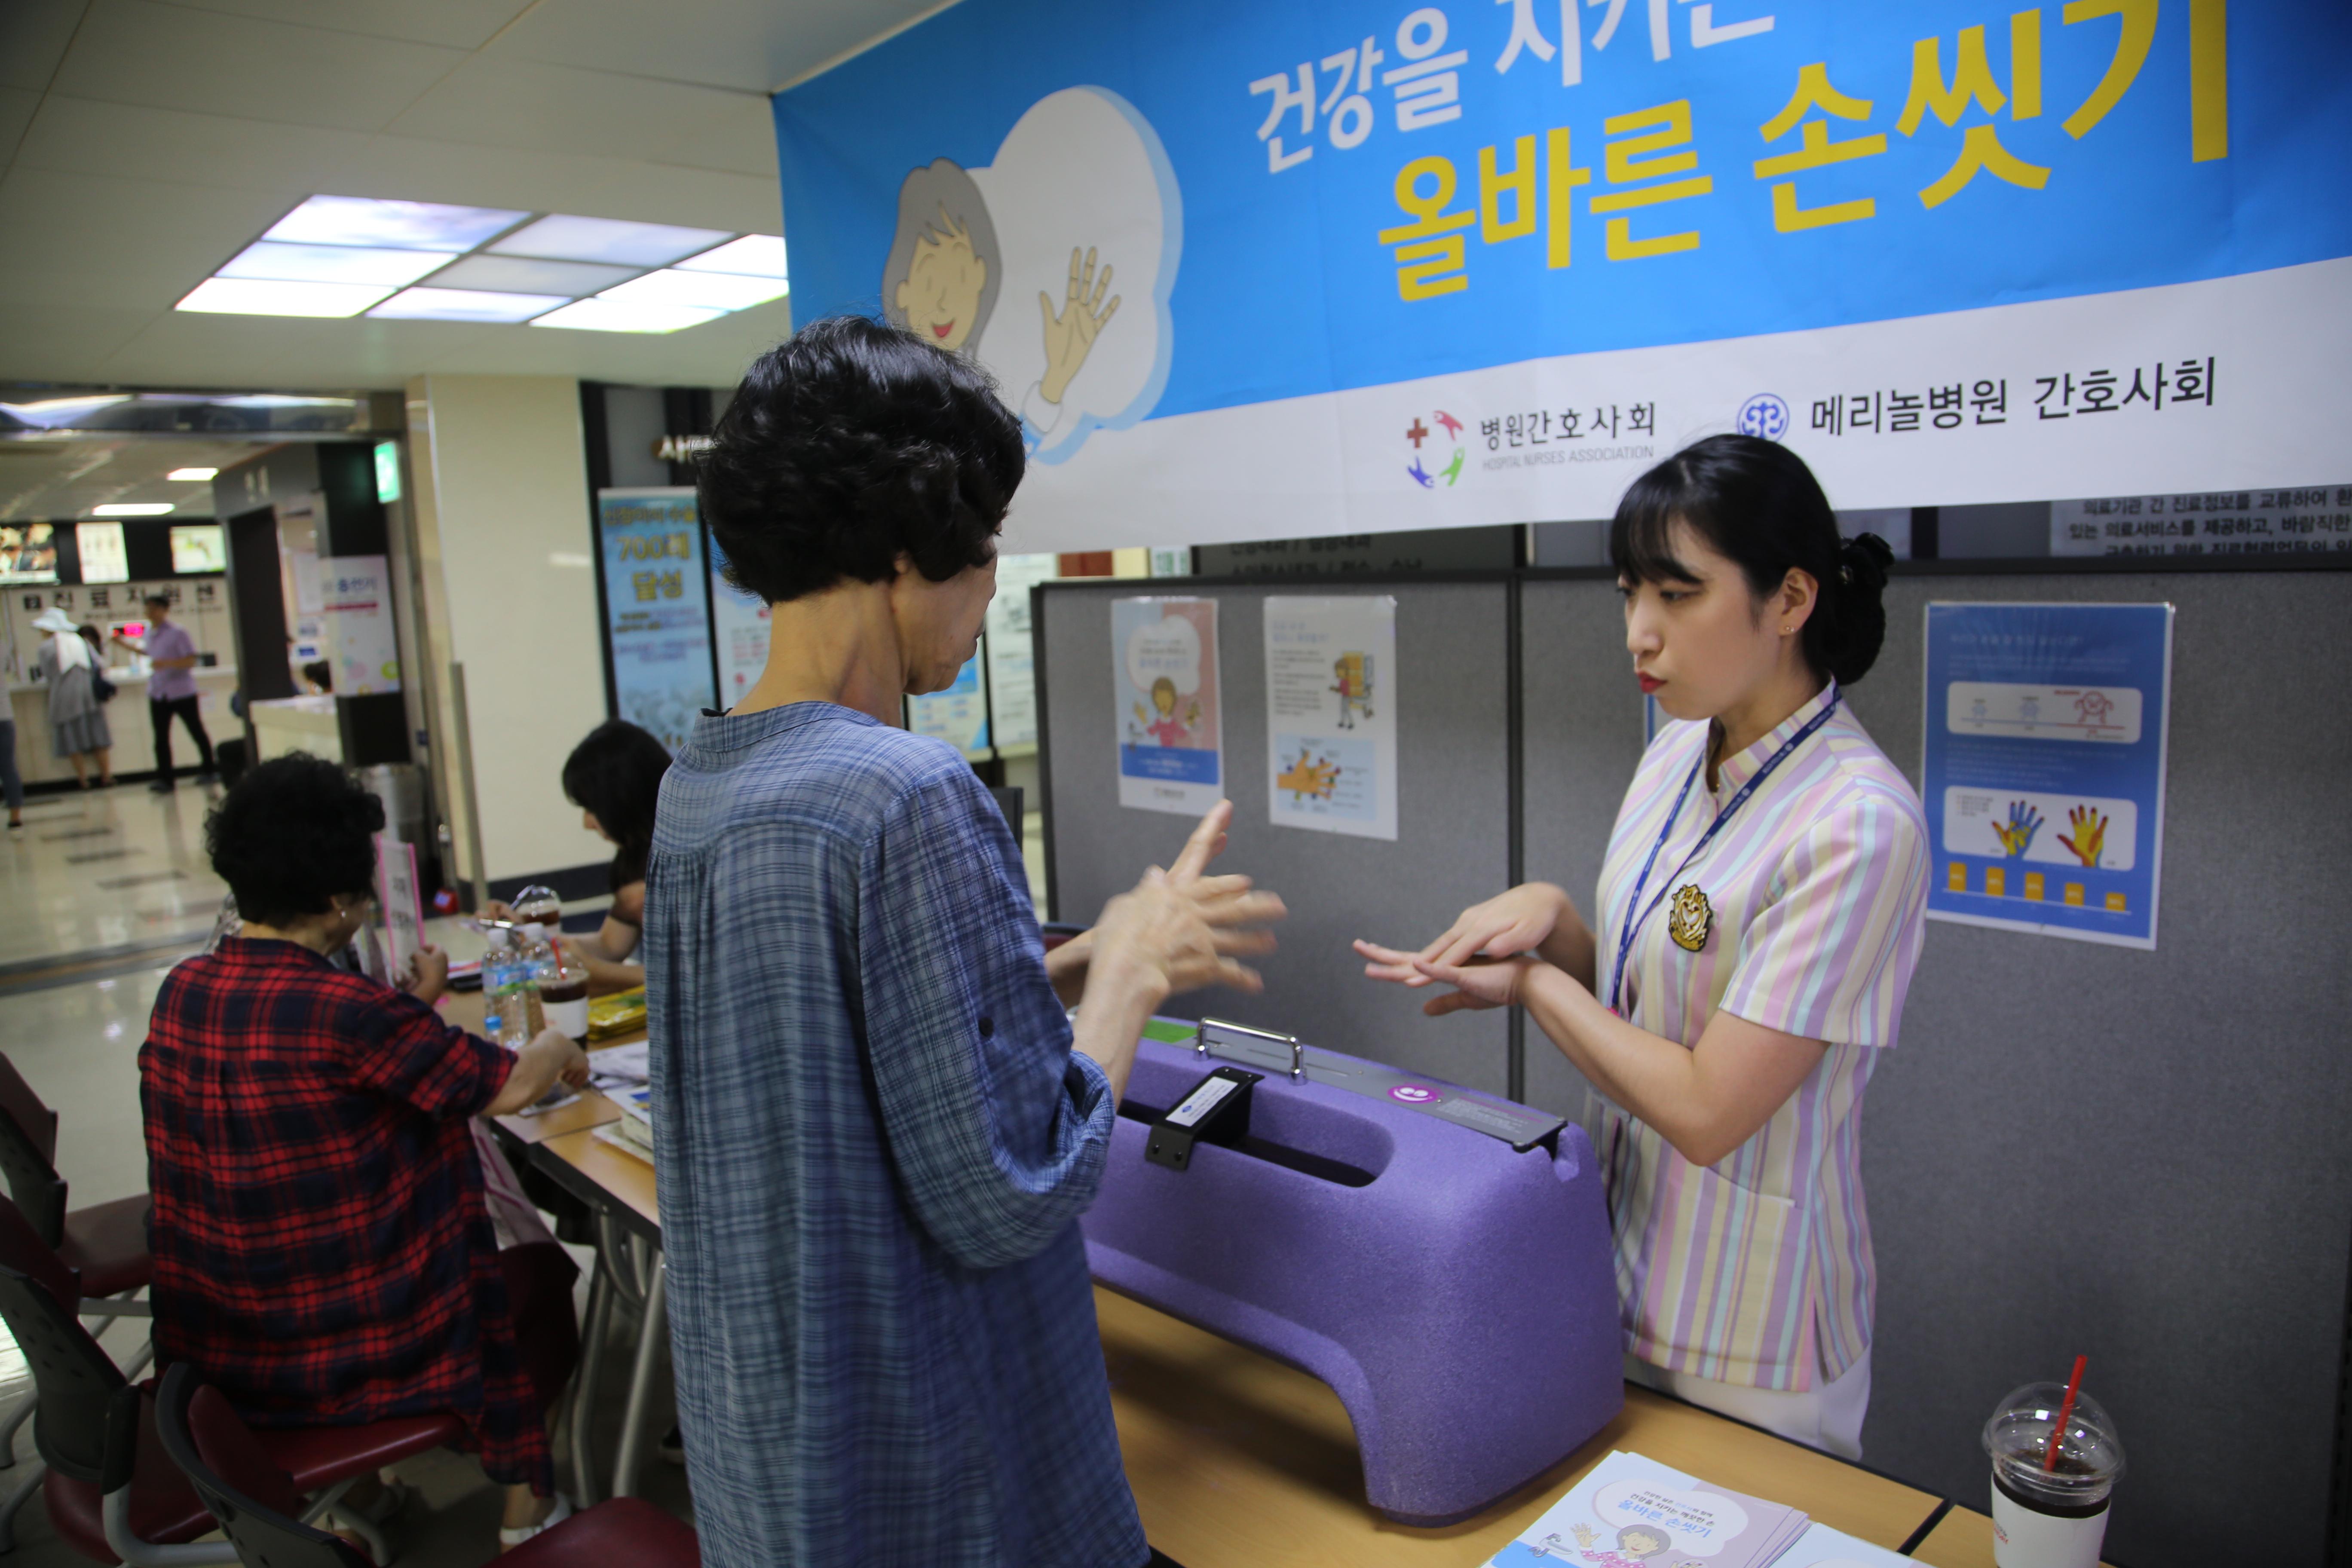 20191004메리놀병원1004데이행사개최001.JPG